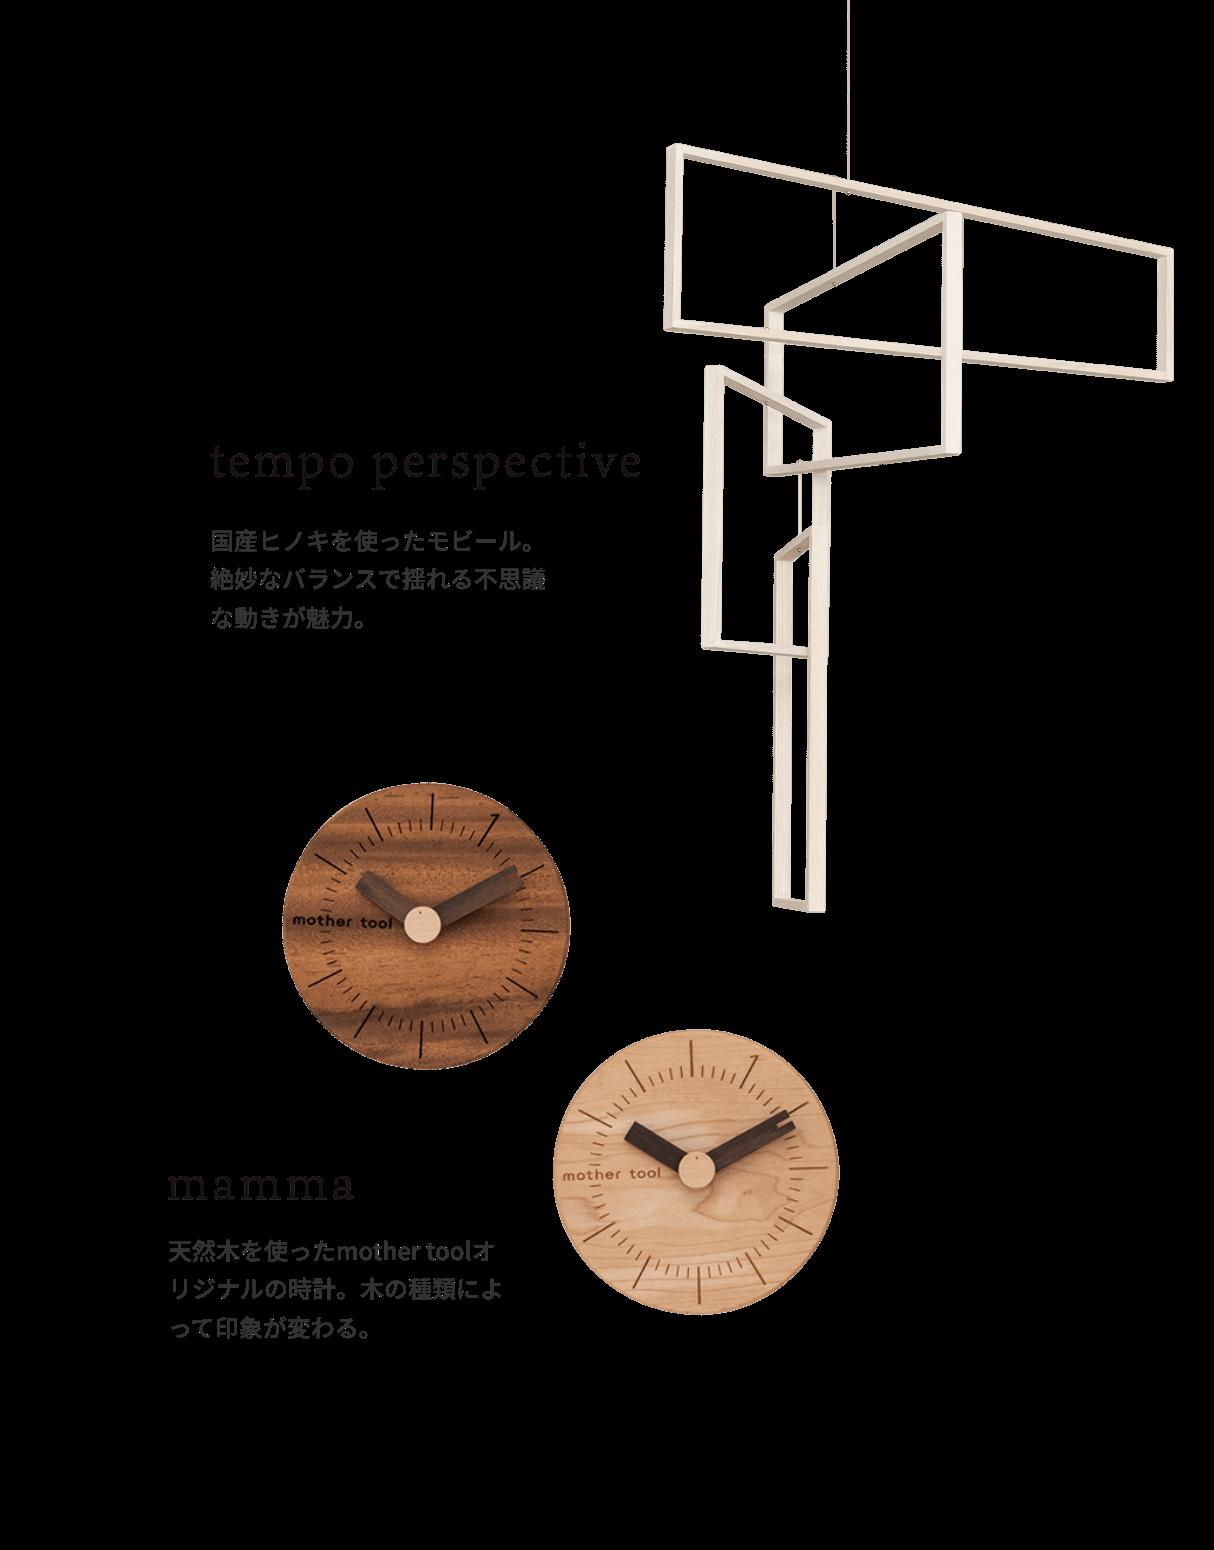 tempo perspective 国産ヒノキを使ったモビール。絶妙なバランスで揺れる不思議な動きが魅力。 mamma 天然木を使ったmother toolオリジナルの時計。木の種類によって印象が変わる。